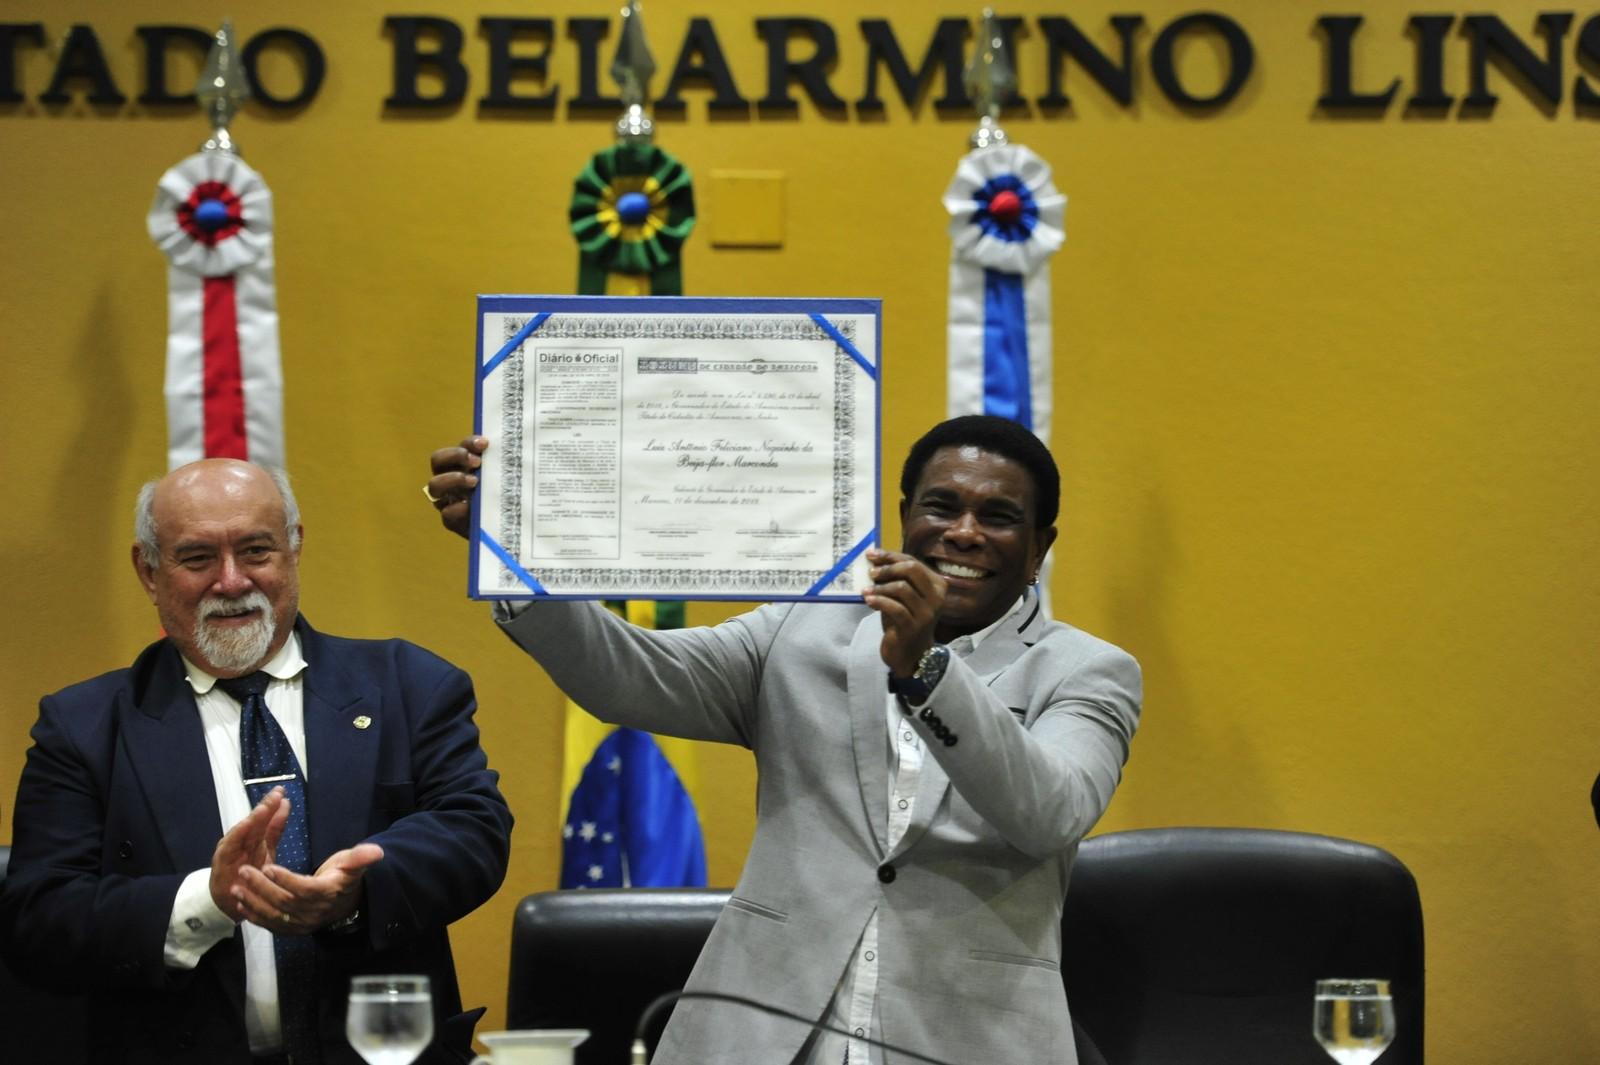 Neguinho da Beija-Flor recebe título de Cidadão do Amazonas